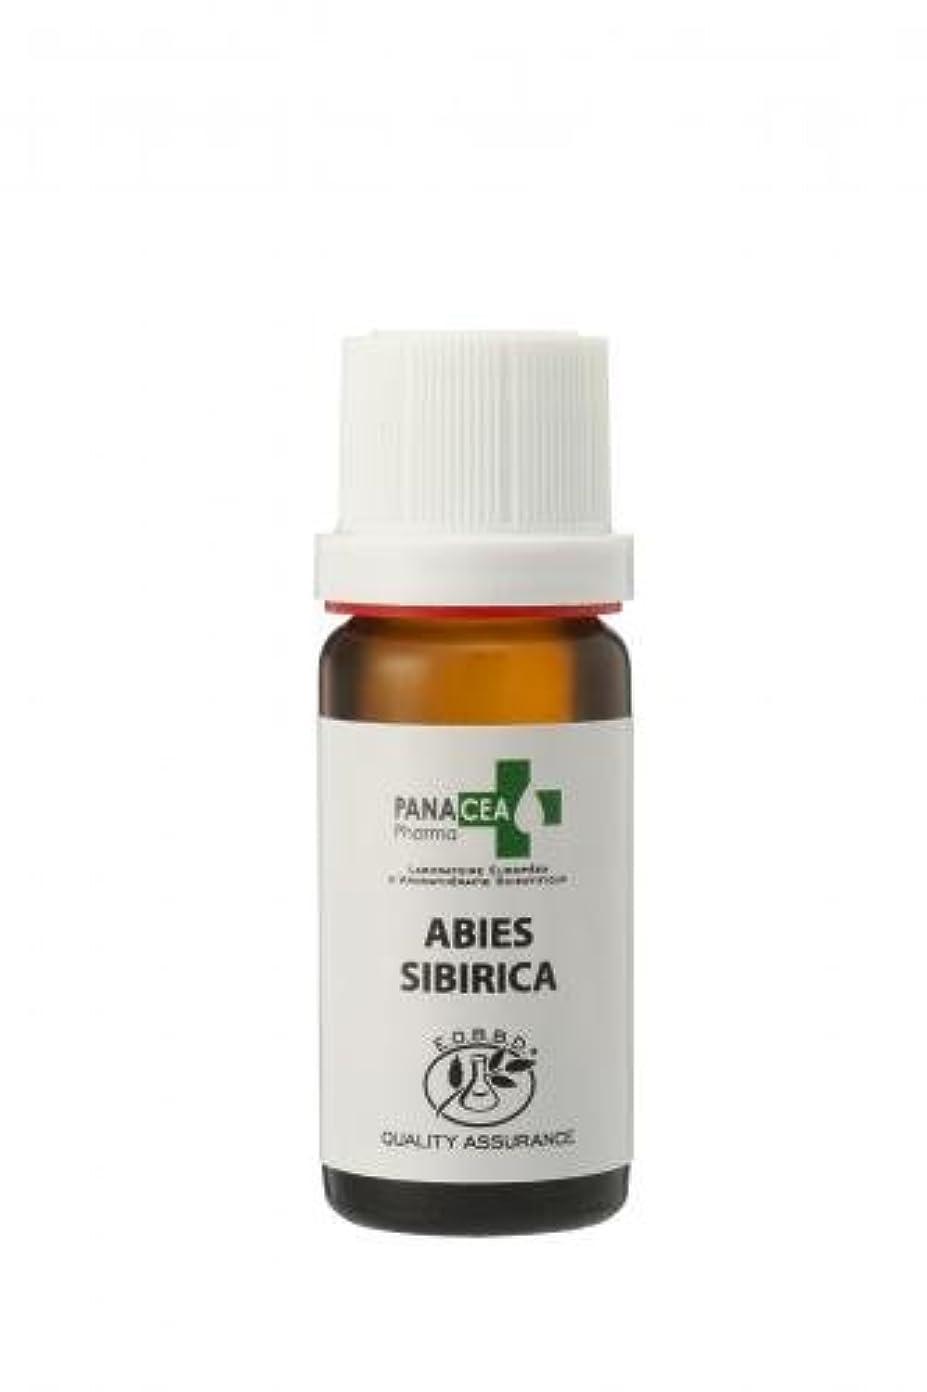 粉砕する紳士コマンドシベリアモミ (Abies sibirica) 10ml エッセンシャルオイル PANACEA PHARMA パナセア ファルマ